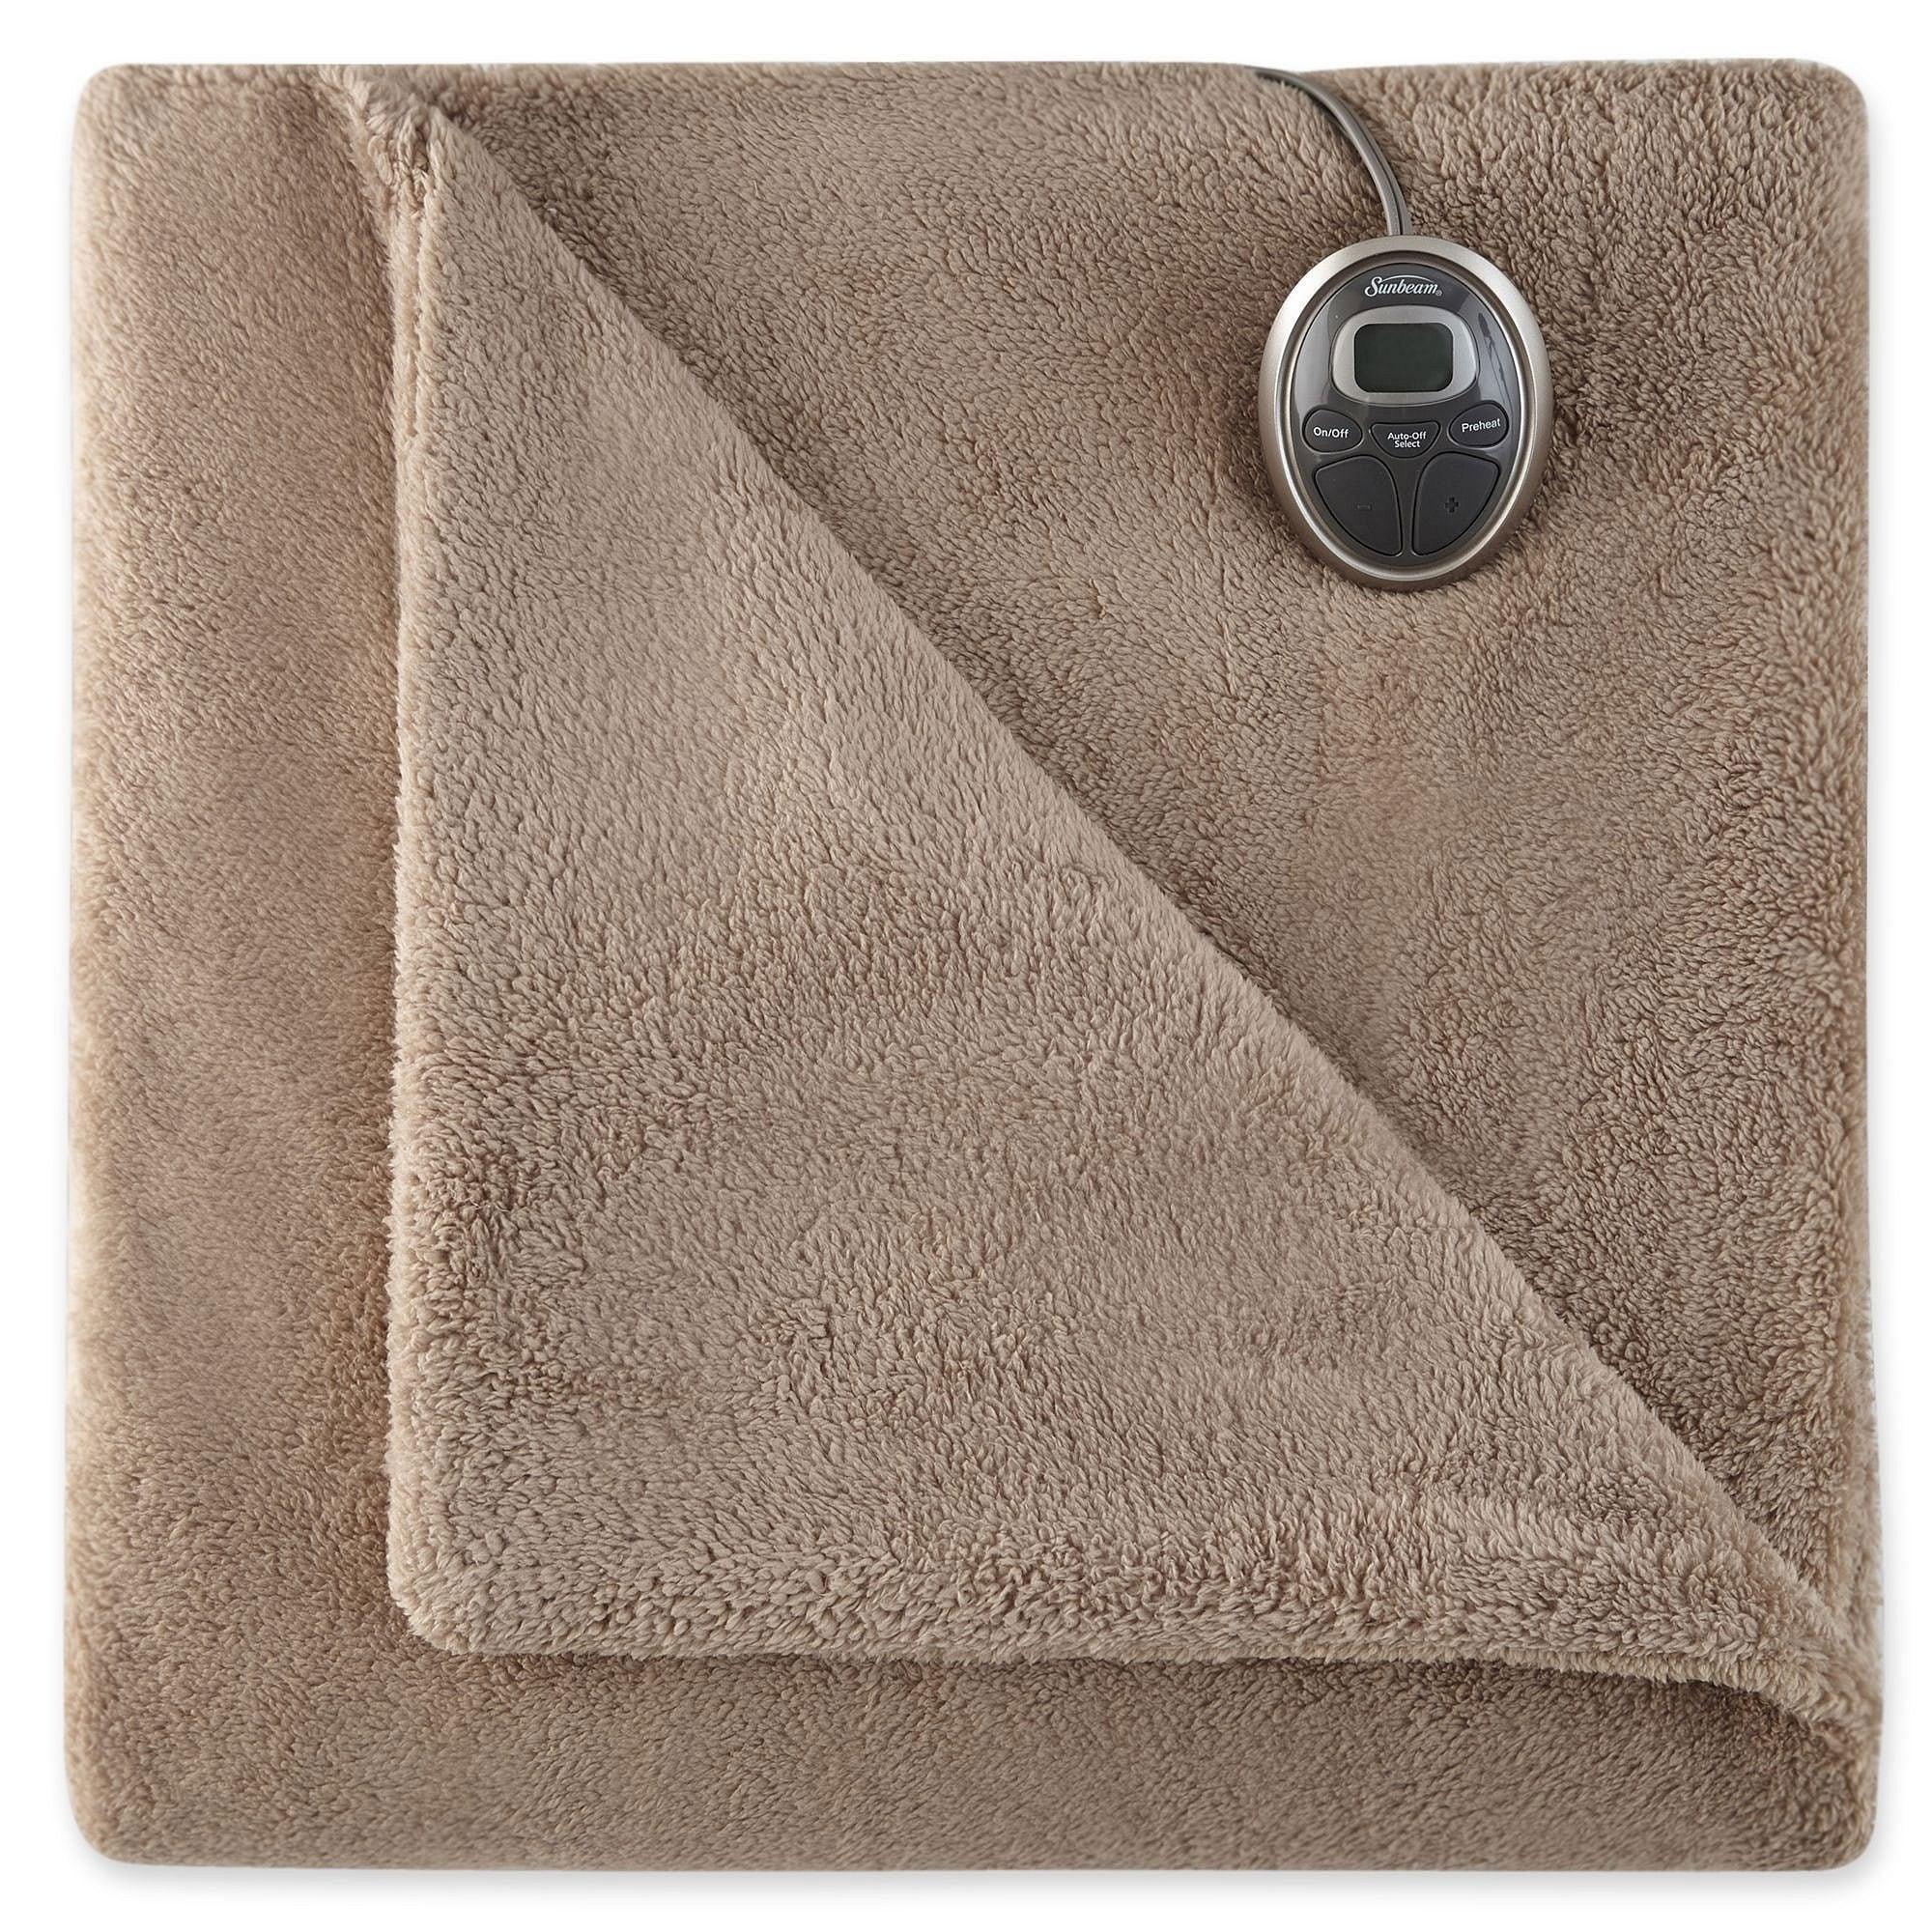 Sunbeam Channeled Microplush Heated Electric Blanket Full Mushroom .